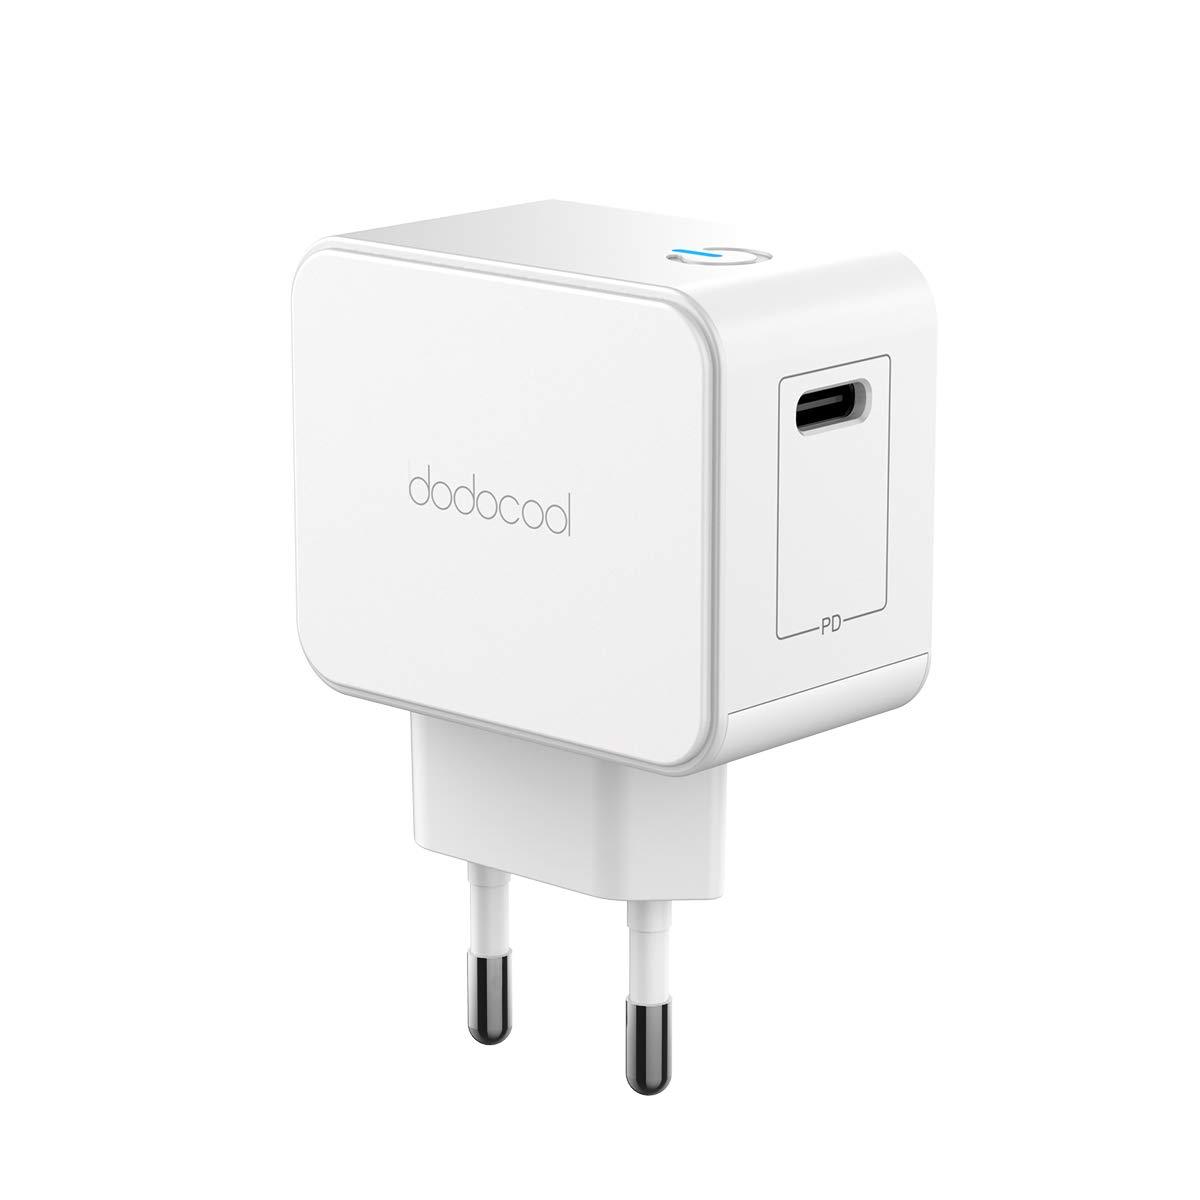 Oferta Cargador USB tipo C dodocool por 7,99 euros (Cupón Descuento)